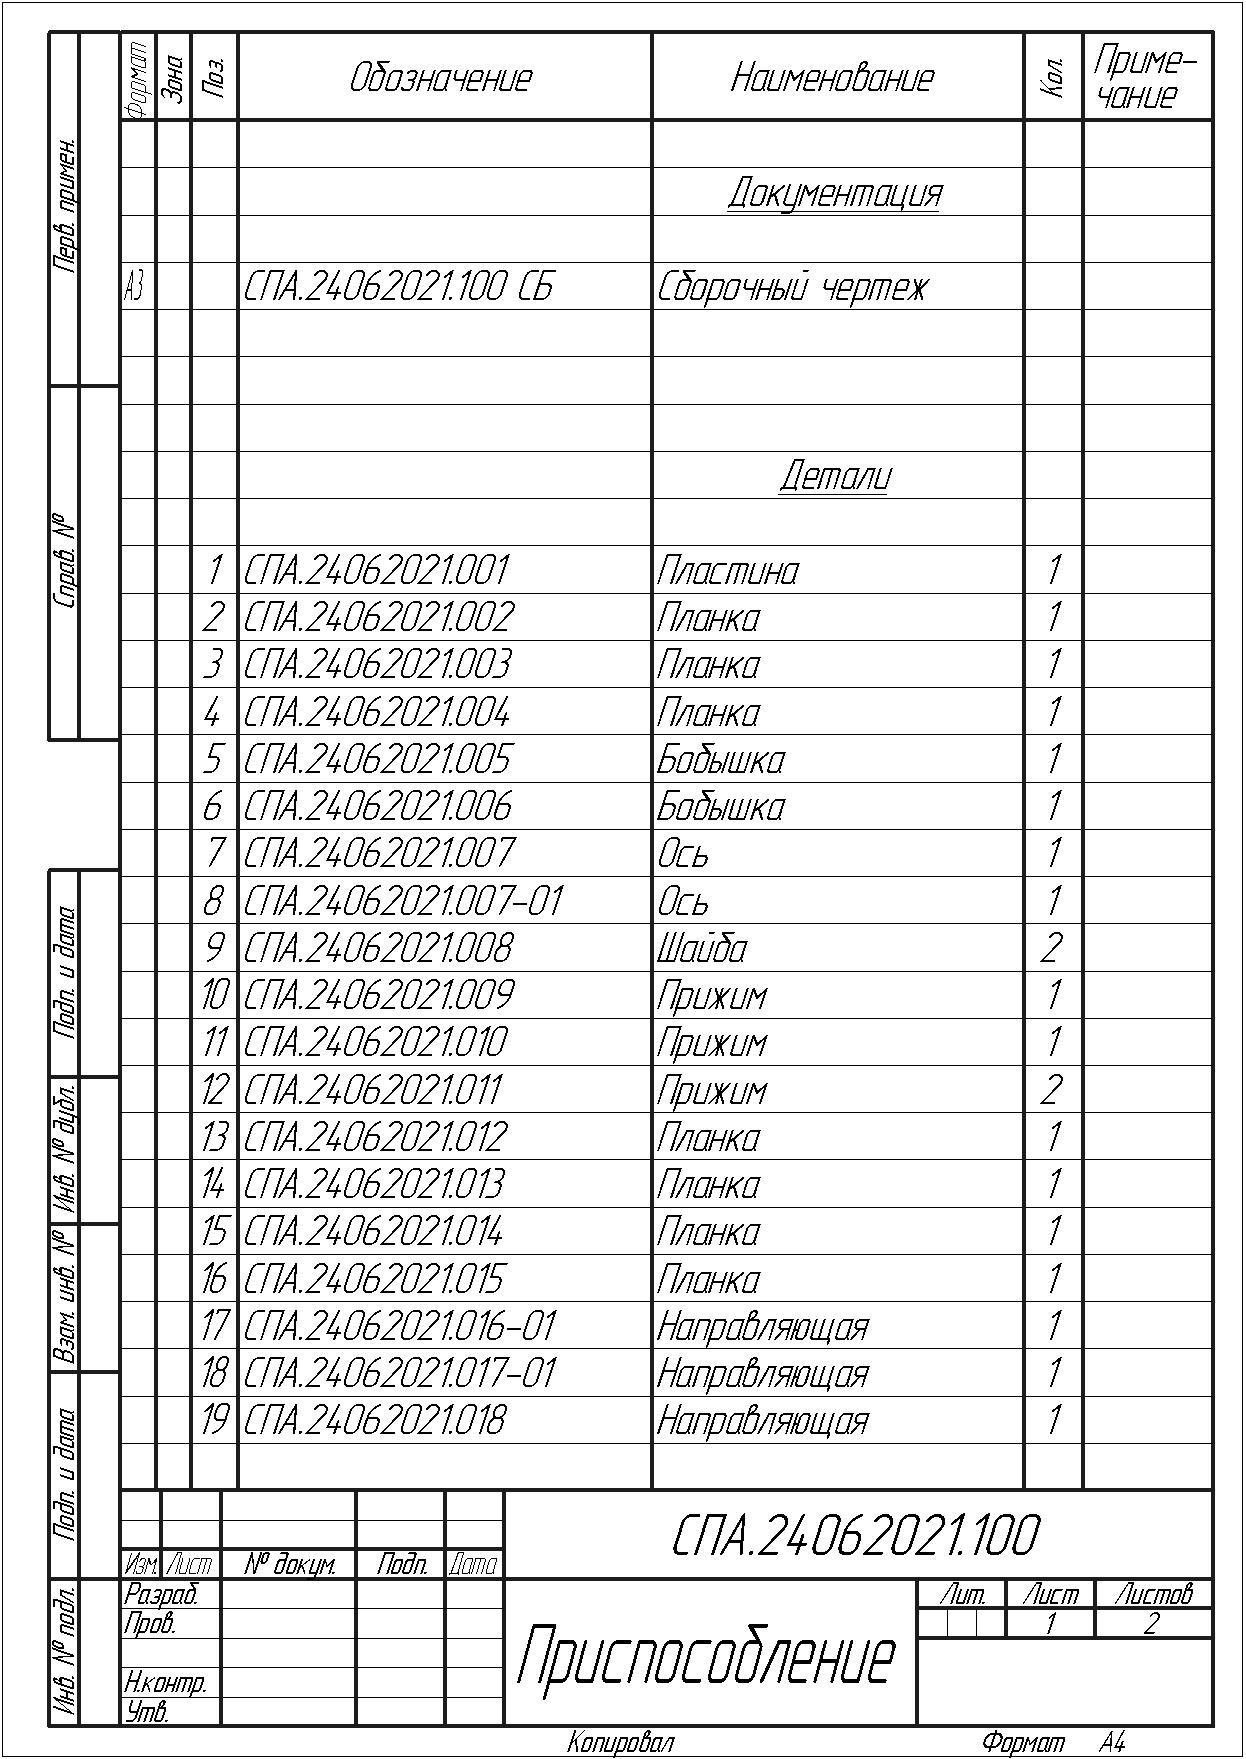 СПА.24062021.100 - Приспособление(1).jpg